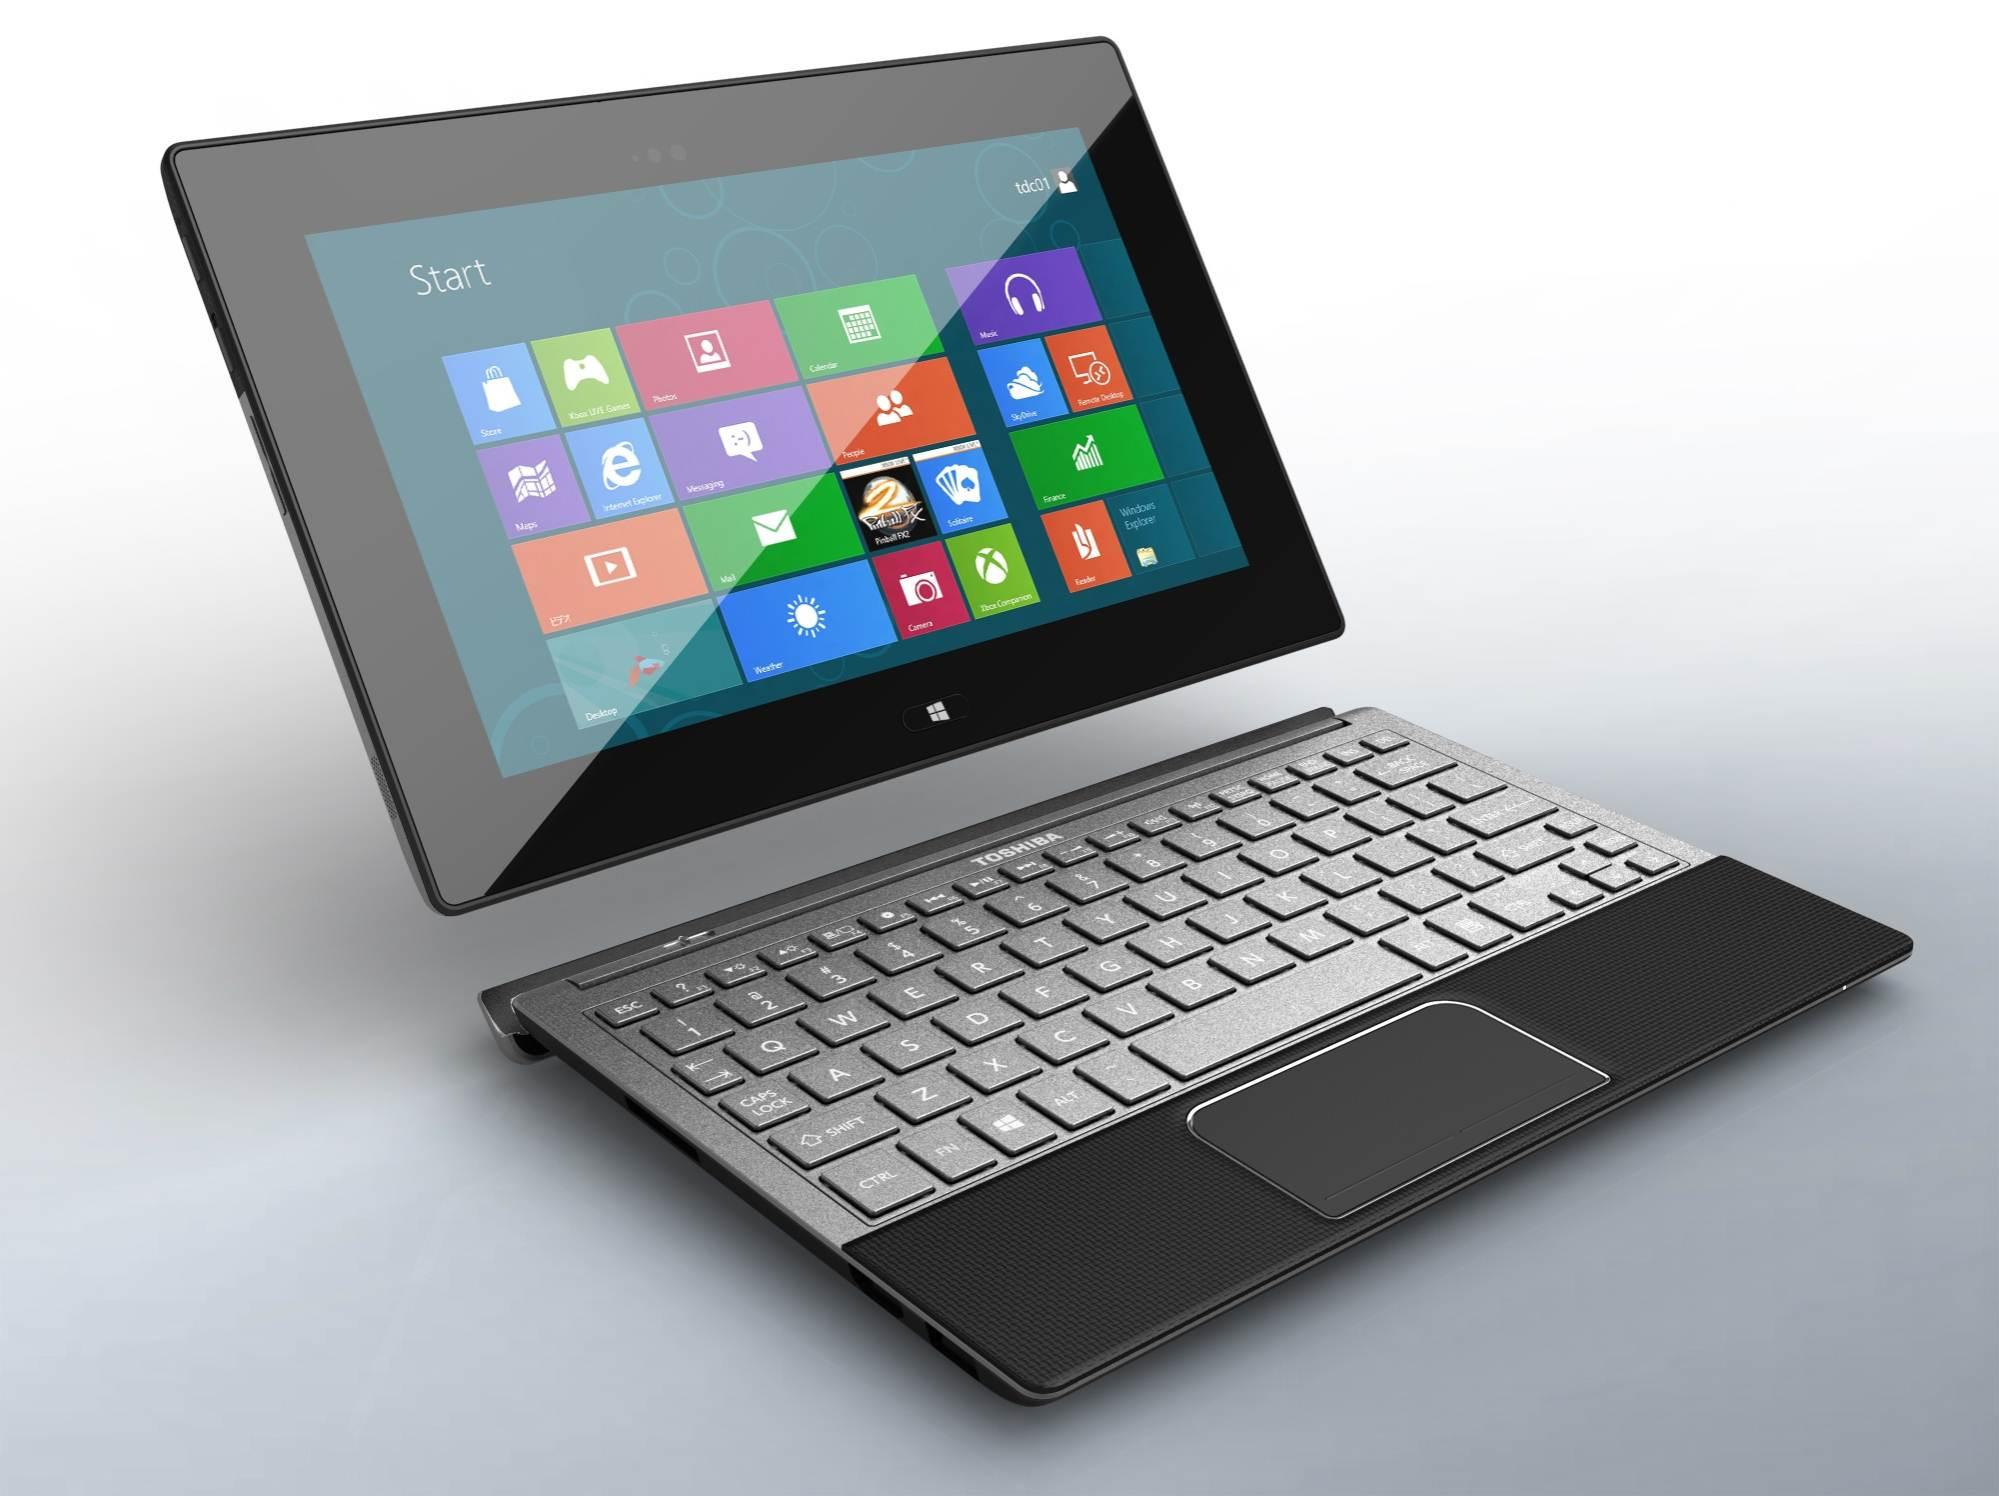 Toshiba-RT-tablet